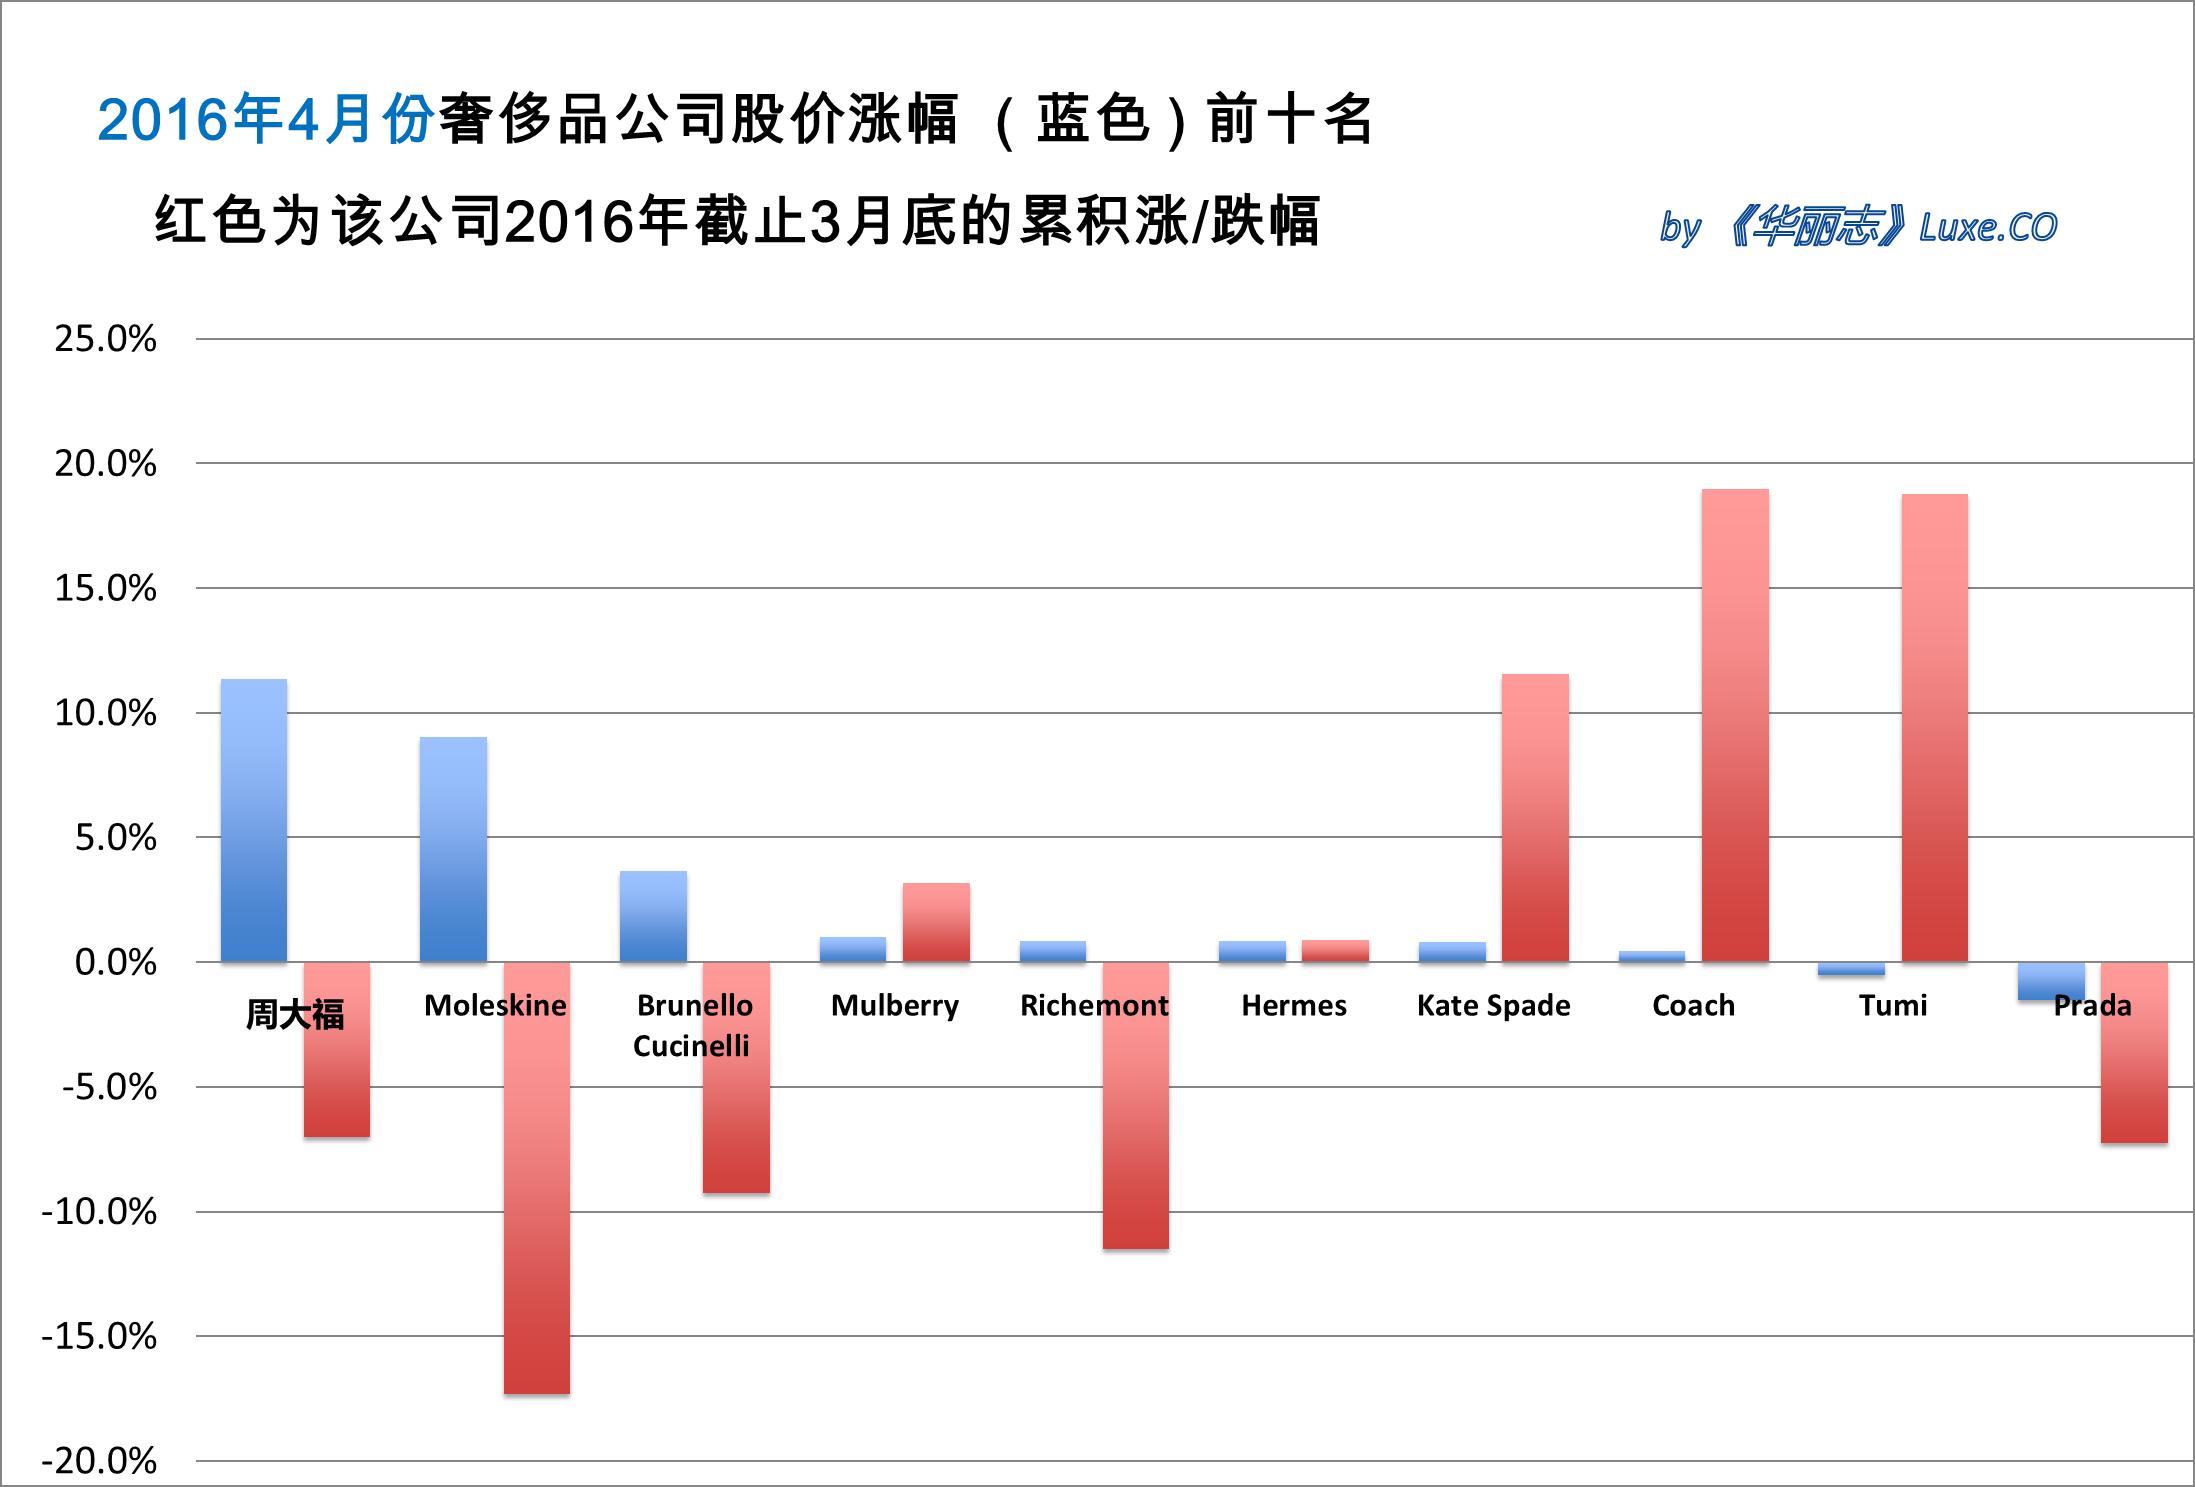 《华丽志》奢侈品股票月度排行榜(2016年4月)